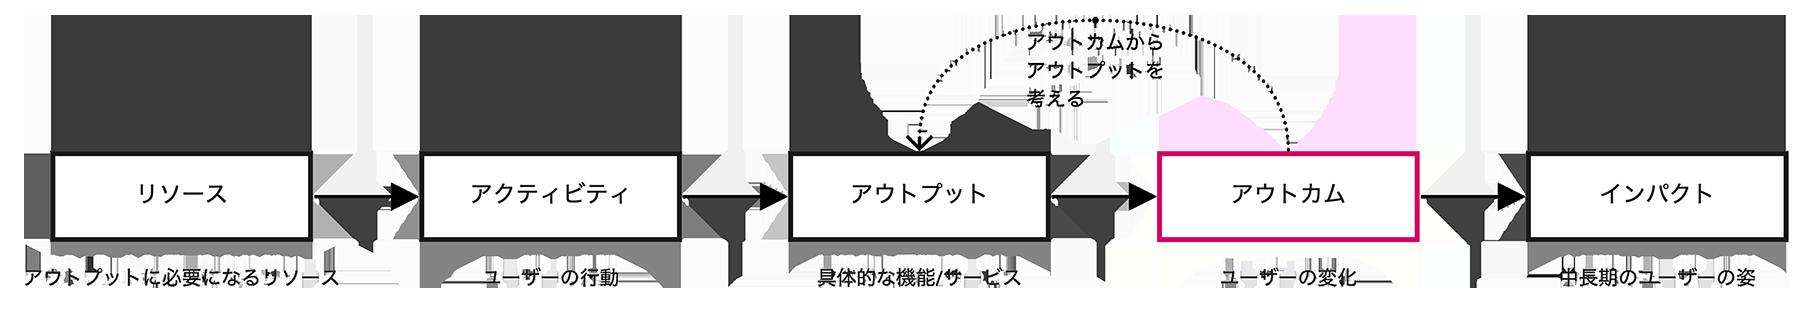 ロジックモデルの概念図。本来、アウトカムからアウトプットを考えるべき